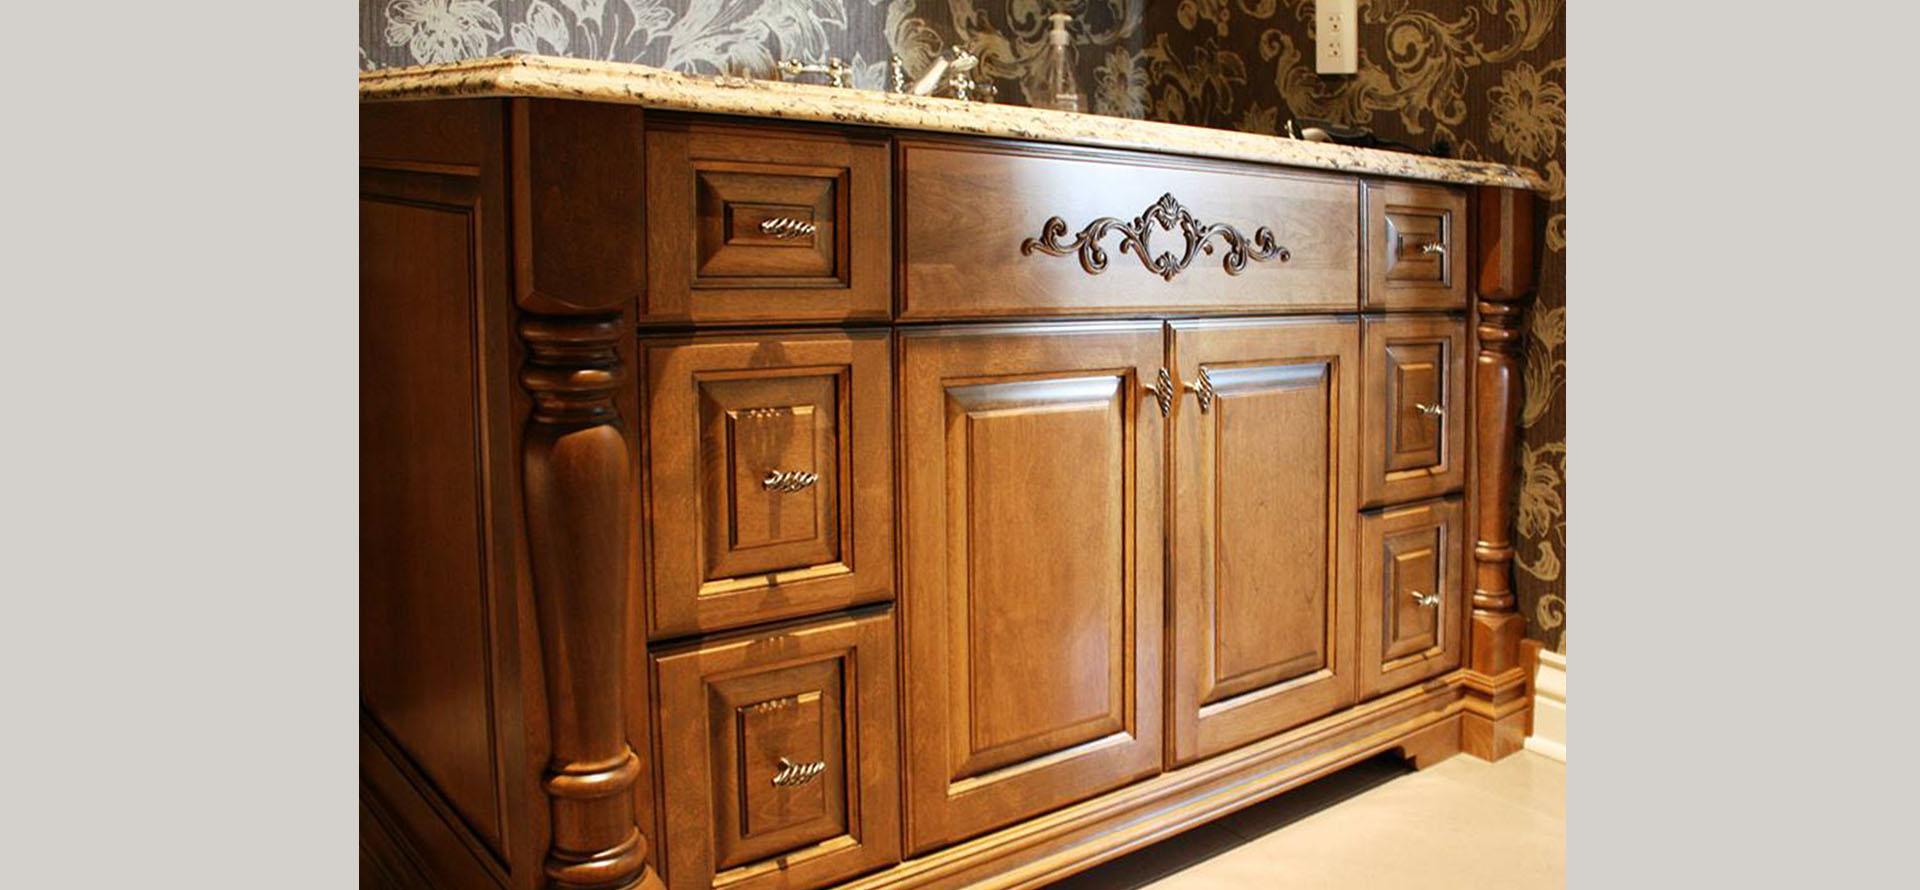 Cuisine classique en bois teint et comptoirs de granite - Cuisine bois et inox ...